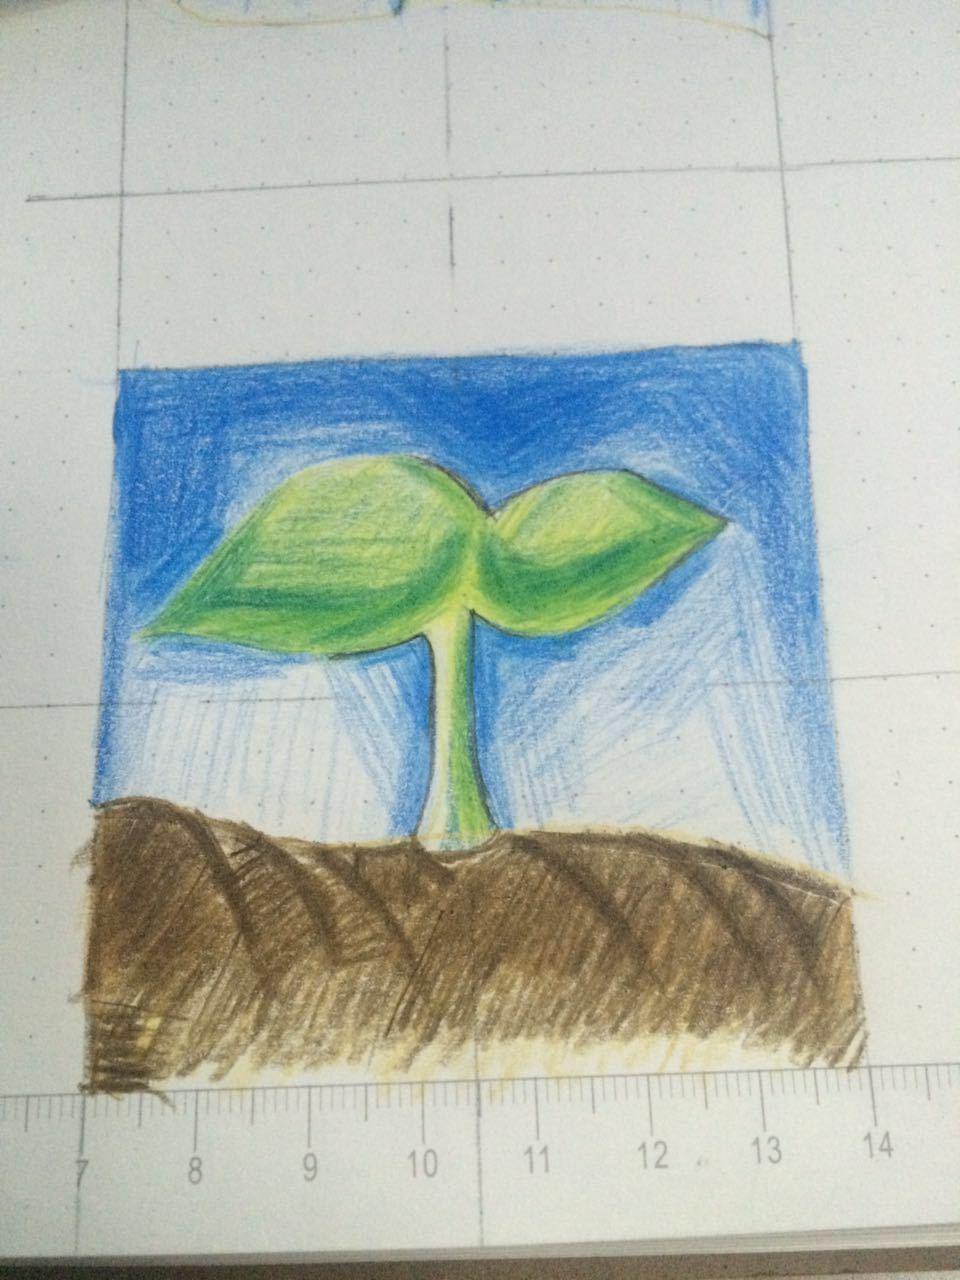 前期的简单手绘|纯艺术|素描|悬崖下的小鸟 - 临摹